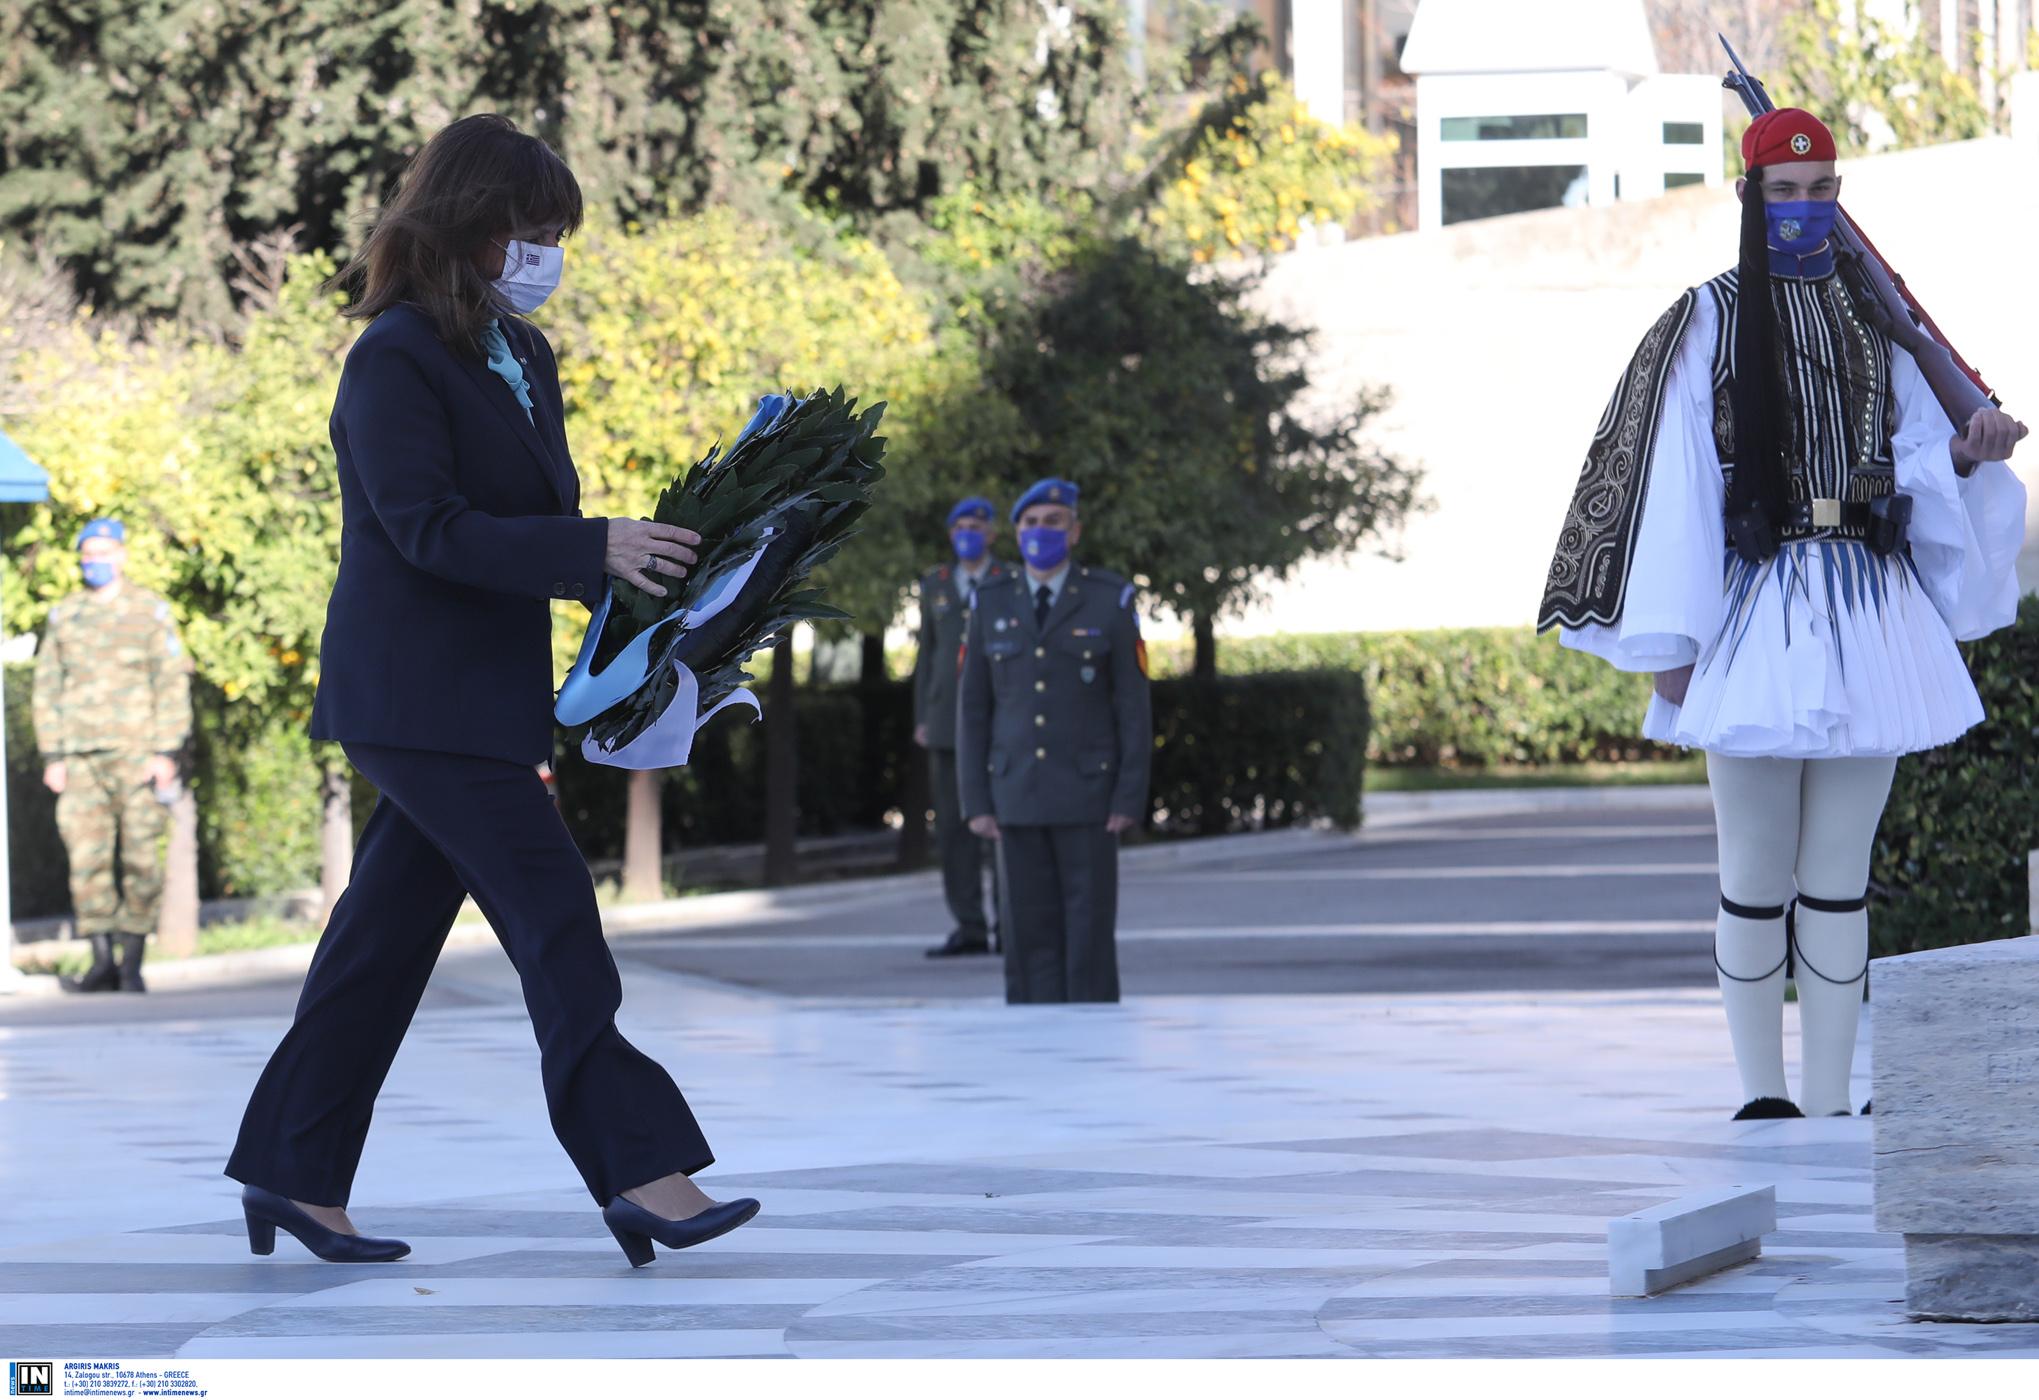 Σακελλαροπούλου: Σεβασμός και ευγνωμοσύνη για τον αγώνα των Ενόπλων Δυνάμεων